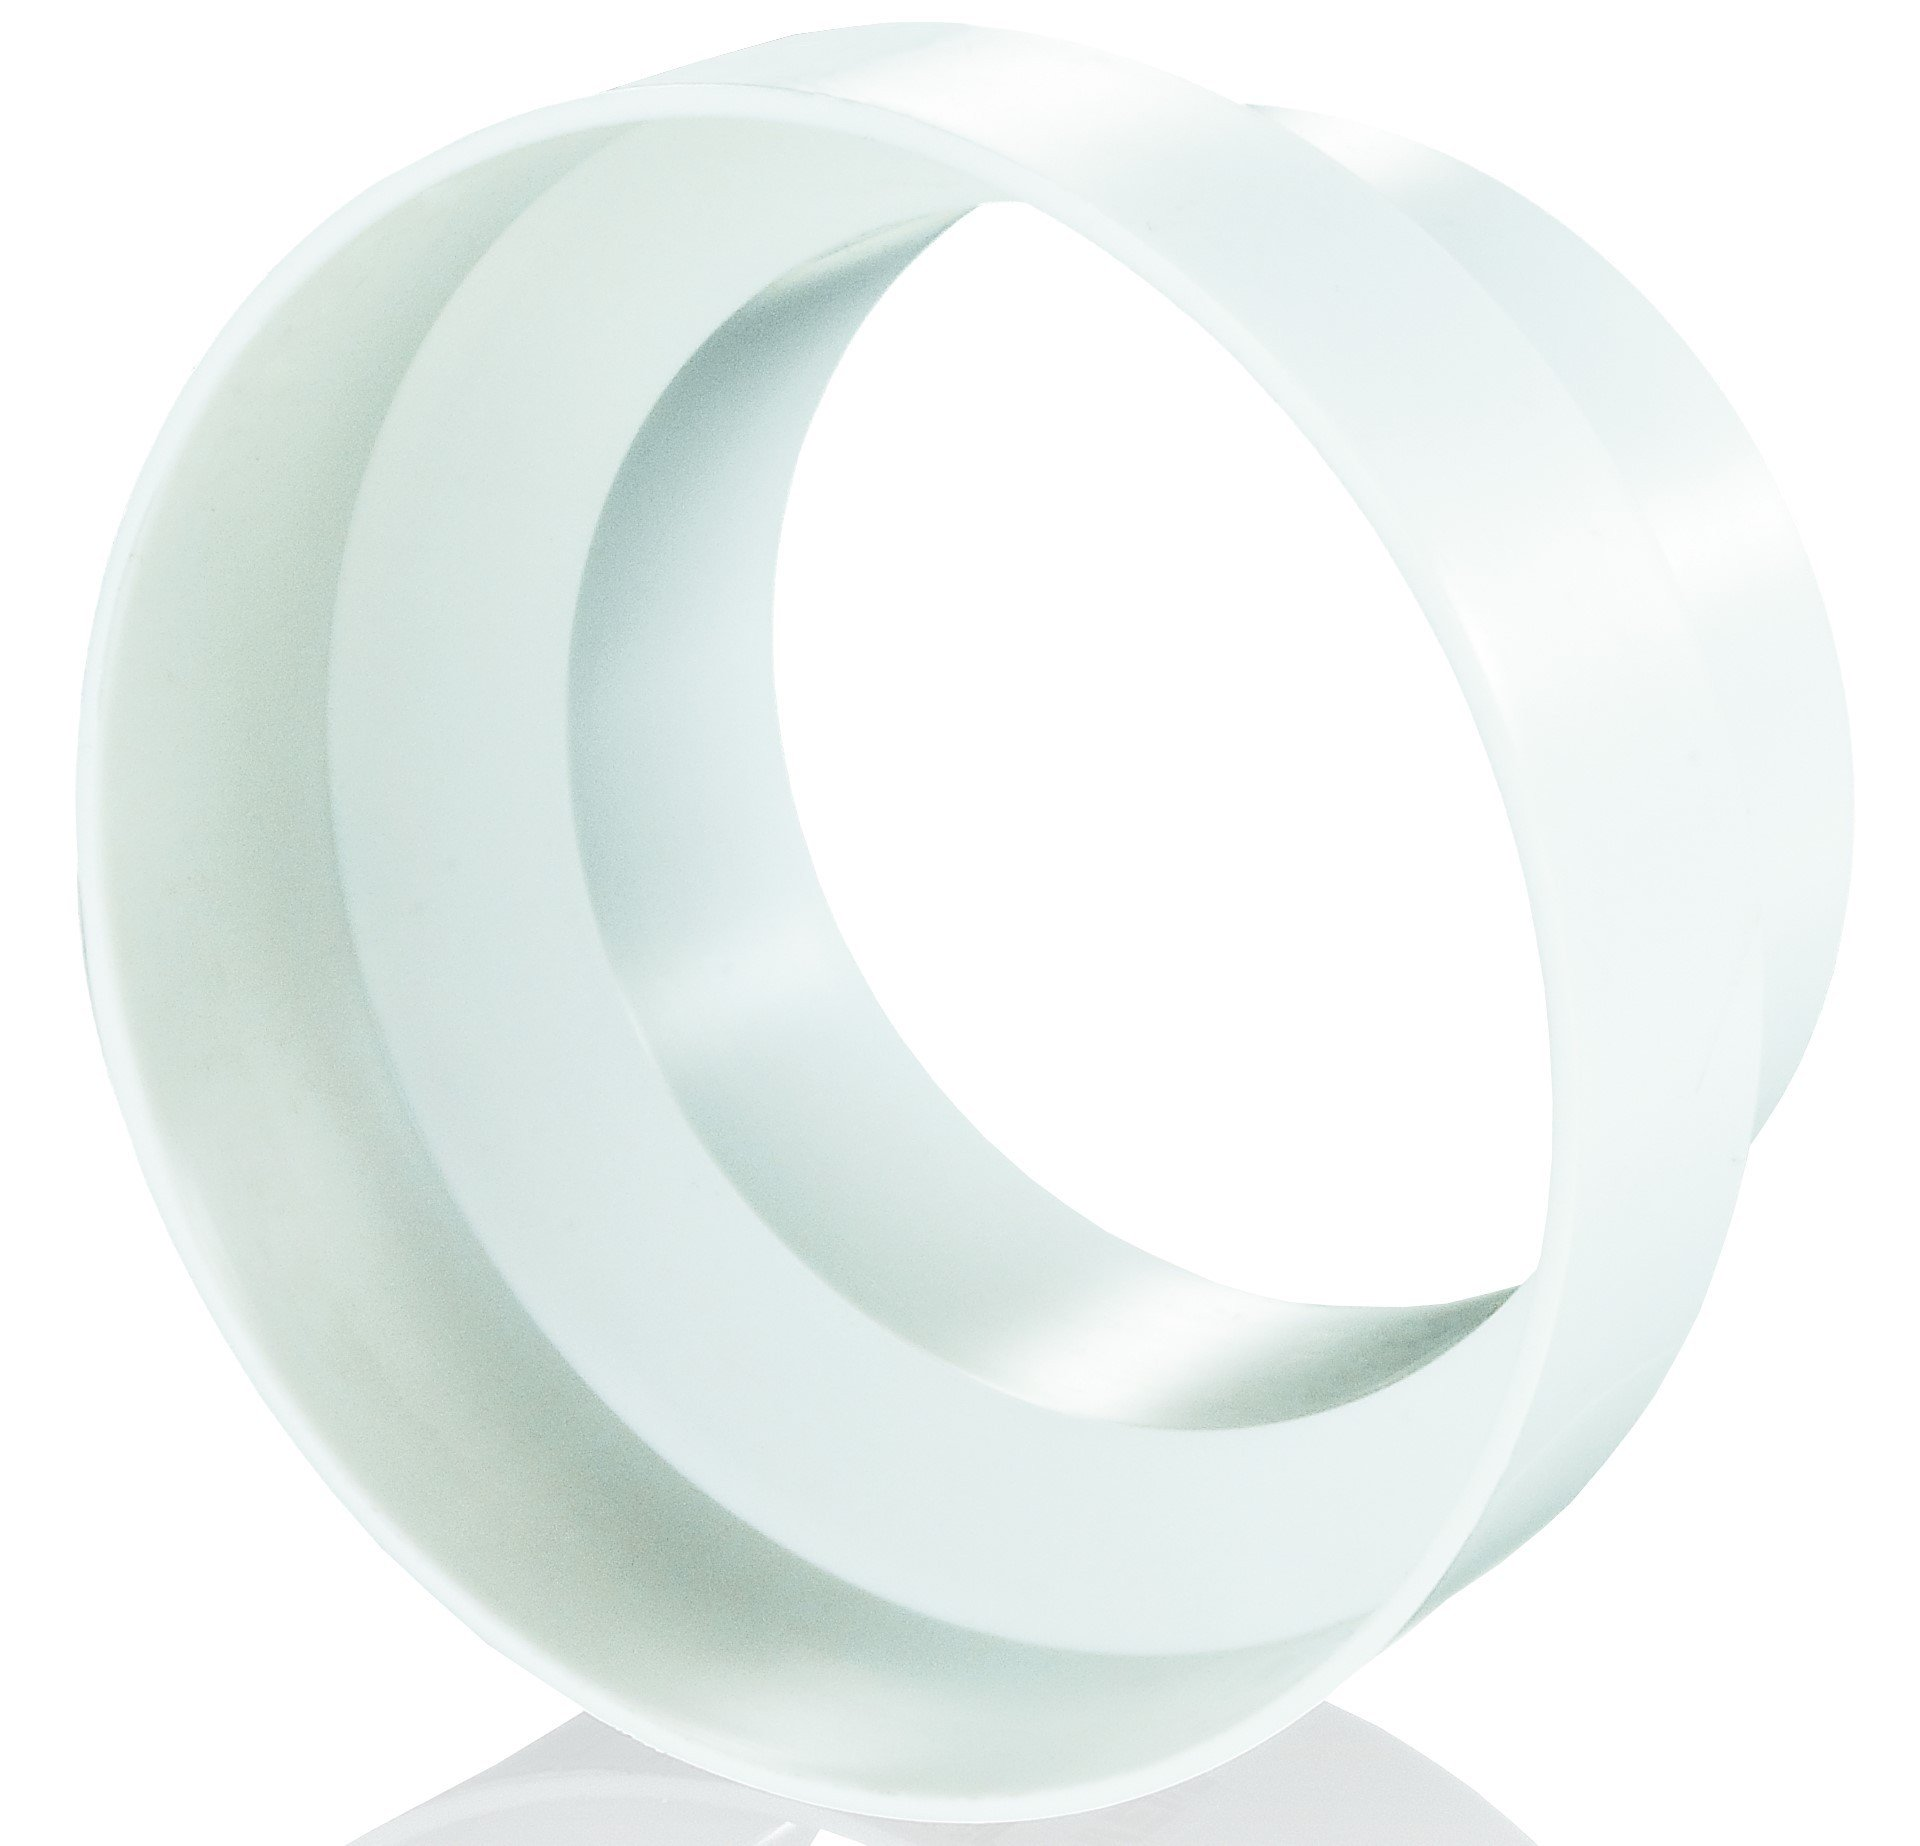 Vents Acople Reductor/Reducción Plástico para Extractor/Tubo (200mm/150mm): Amazon.es: Hogar